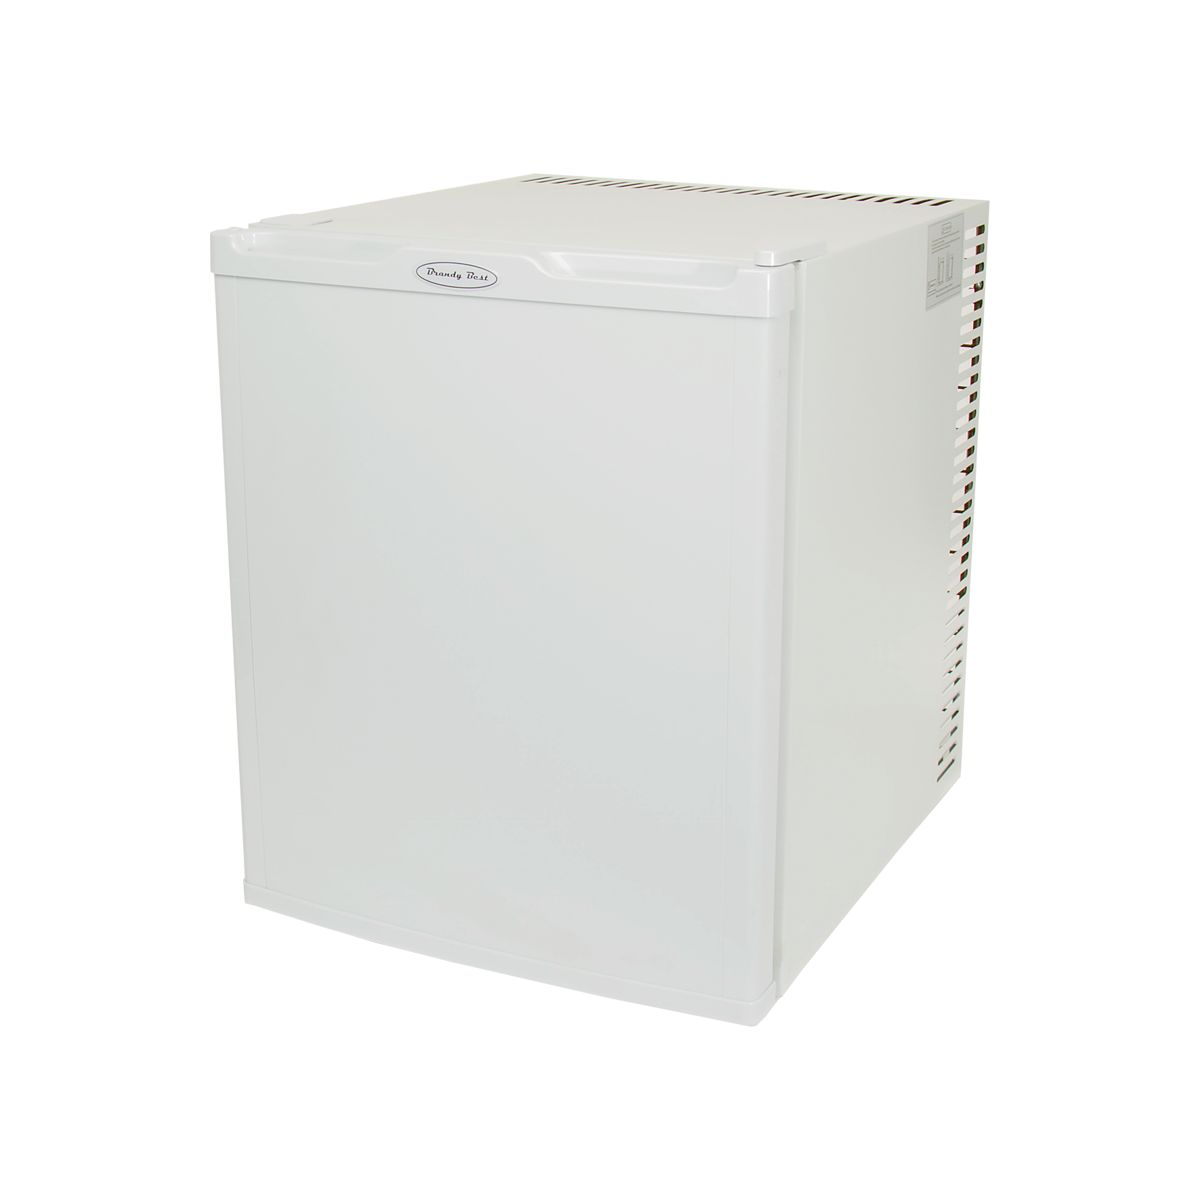 Mini réfrigérateur BRANDY BEST SILENT280W